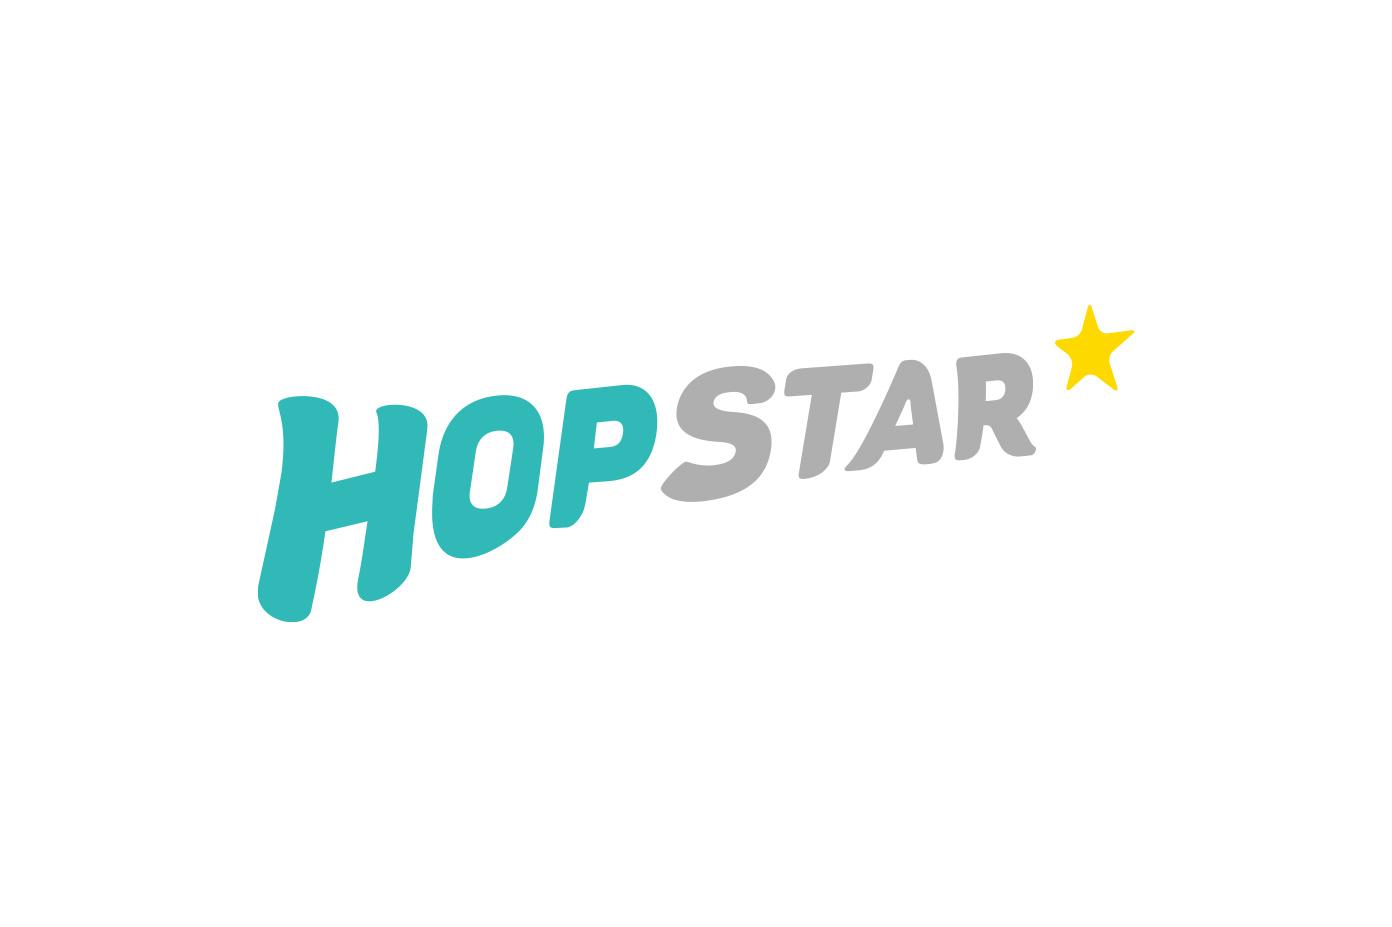 クラフトビール通販サイトのロゴデザイン制作事例